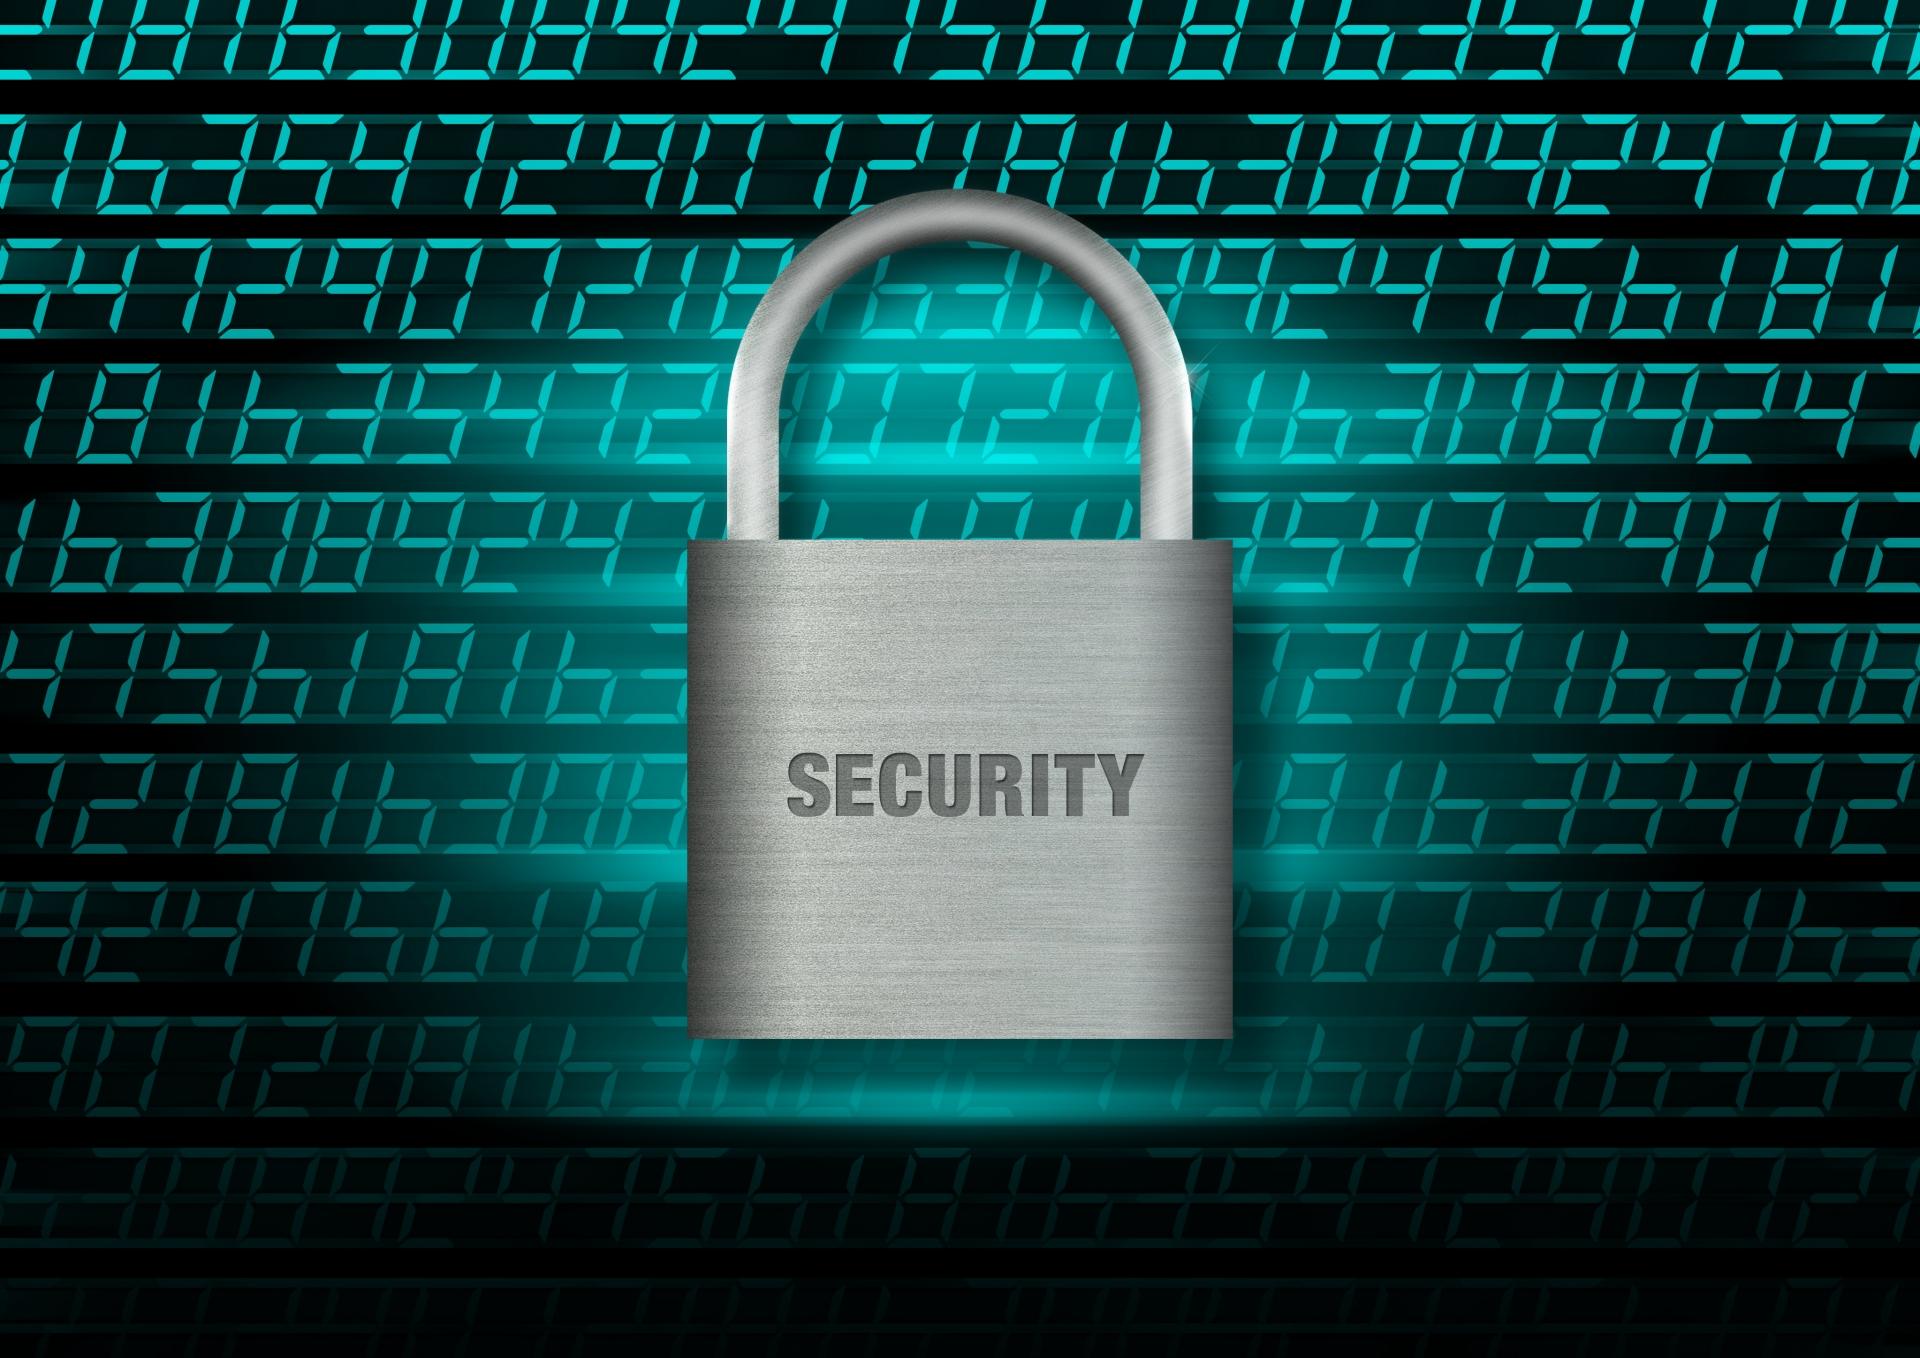 業務システム化の方法・メリット・デメリット_情報漏洩リスク